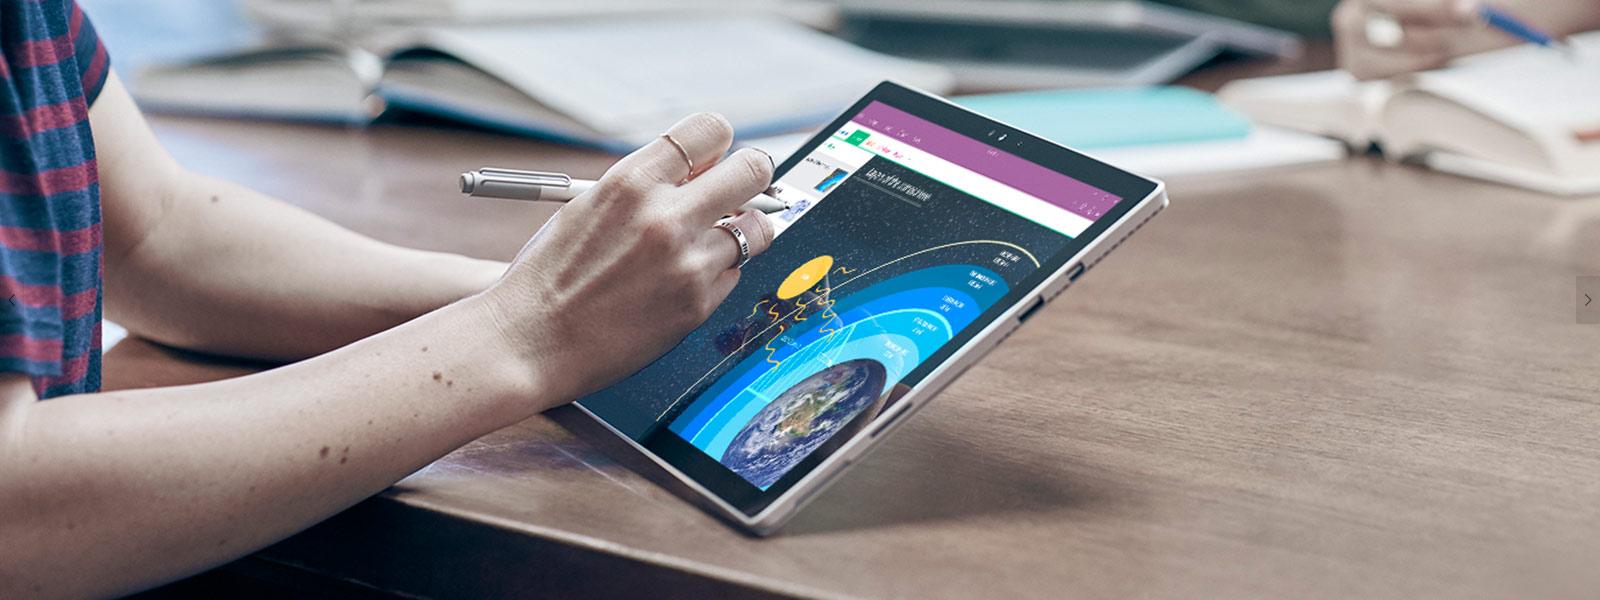 Mulher a utilizar uma Caneta para Surface no Surface Pro 4.